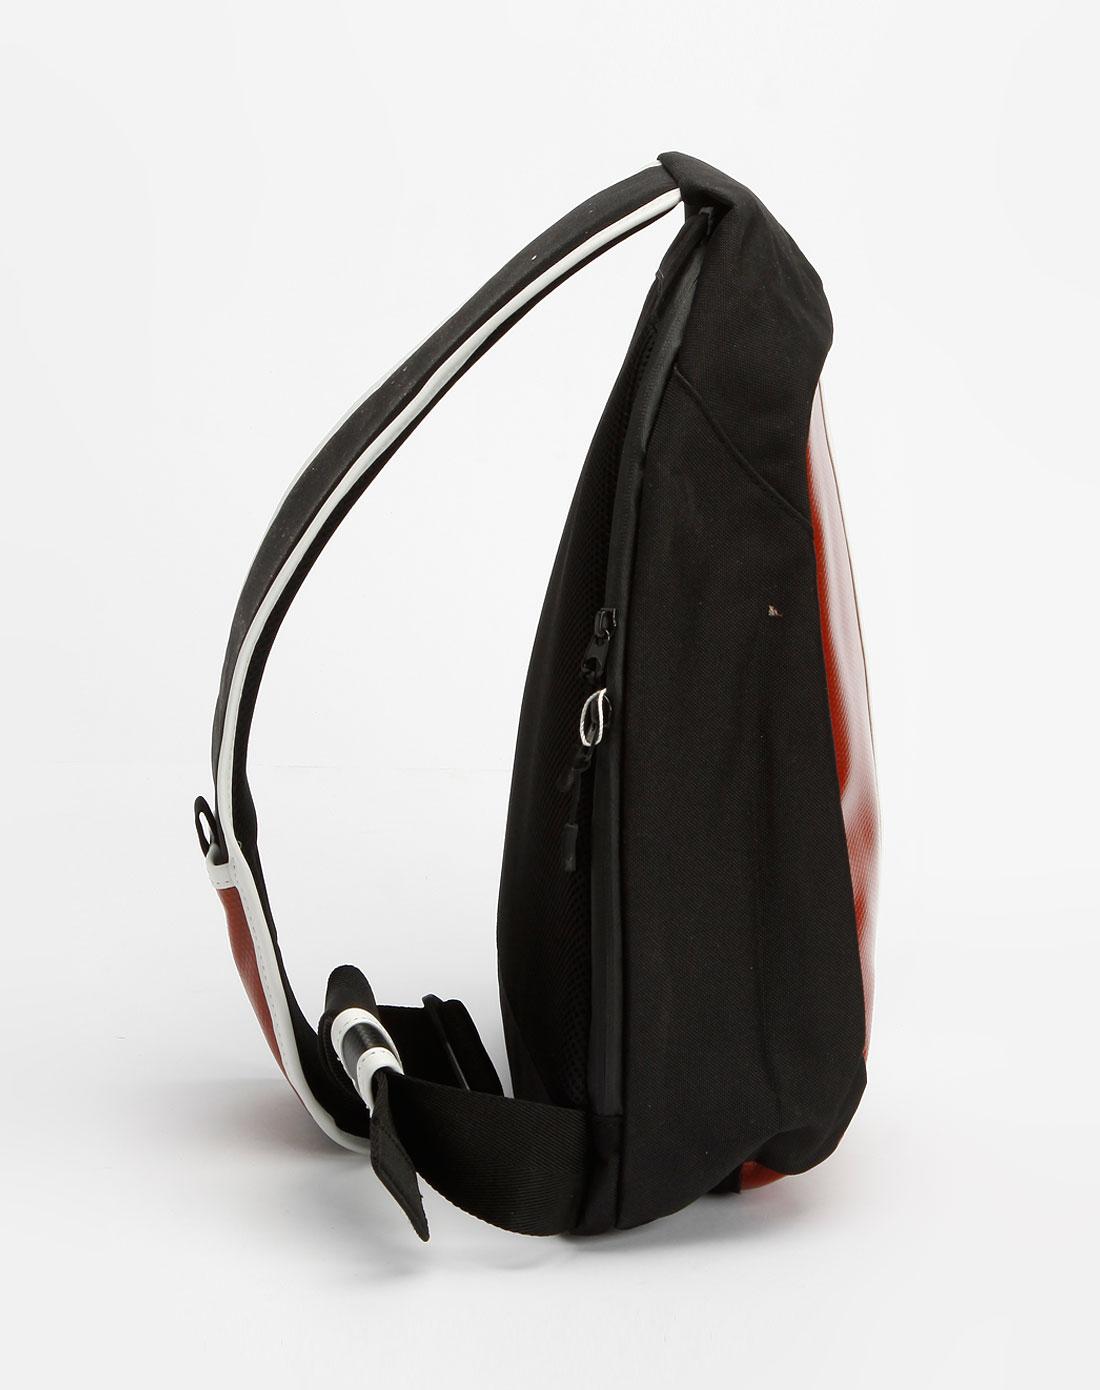 法国鳄鱼包包lacoste红/黑/白色个性斜背包